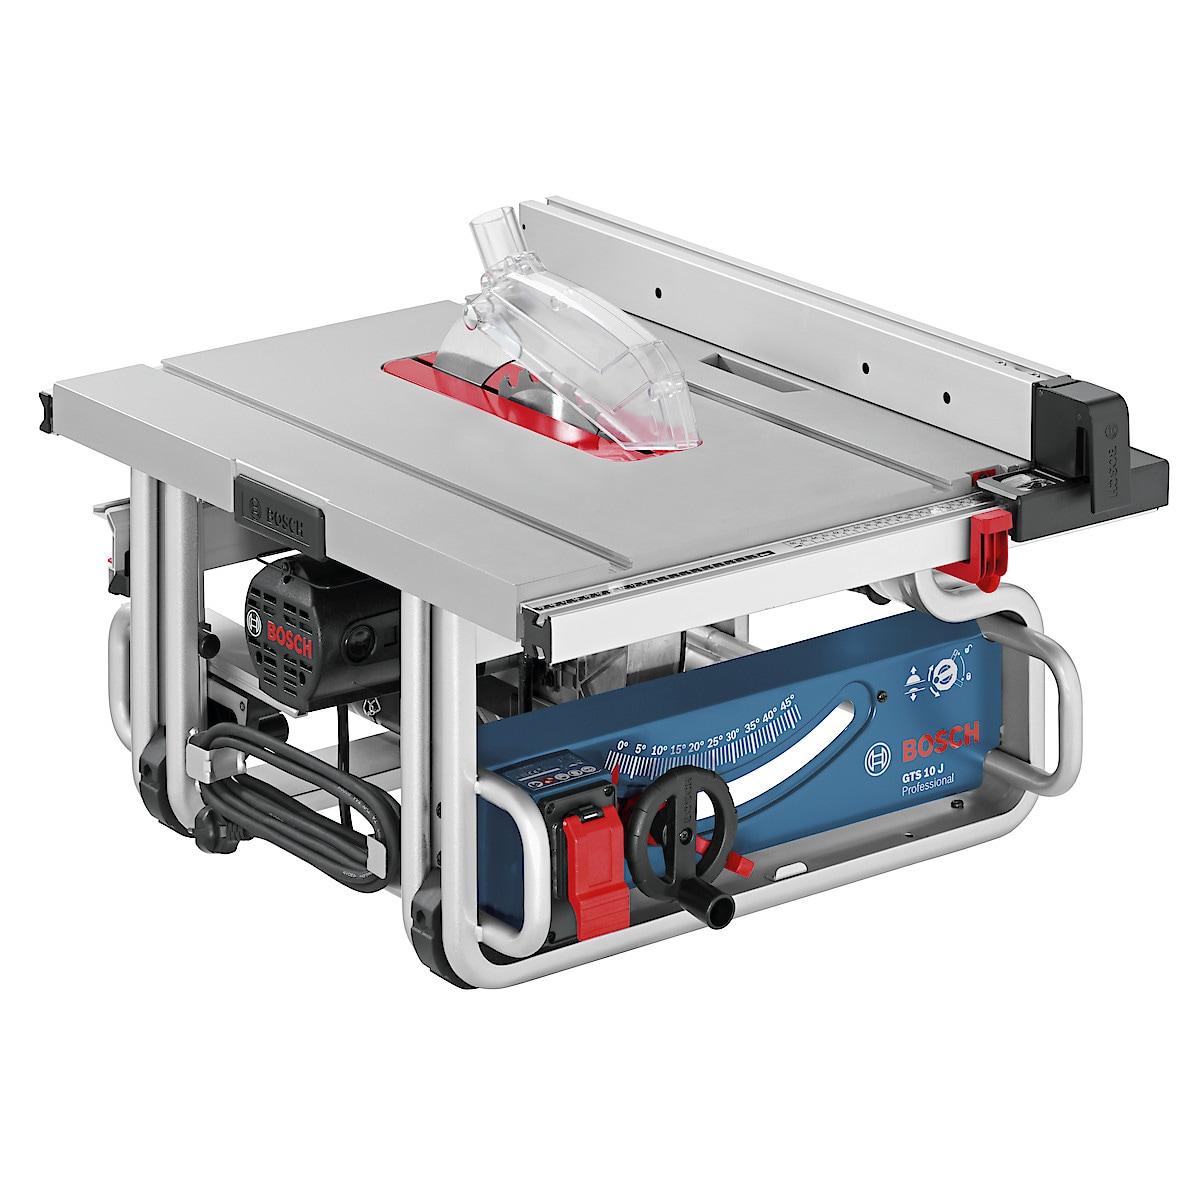 Pöytäpyörösaha Bosch GTS 10 J Professional